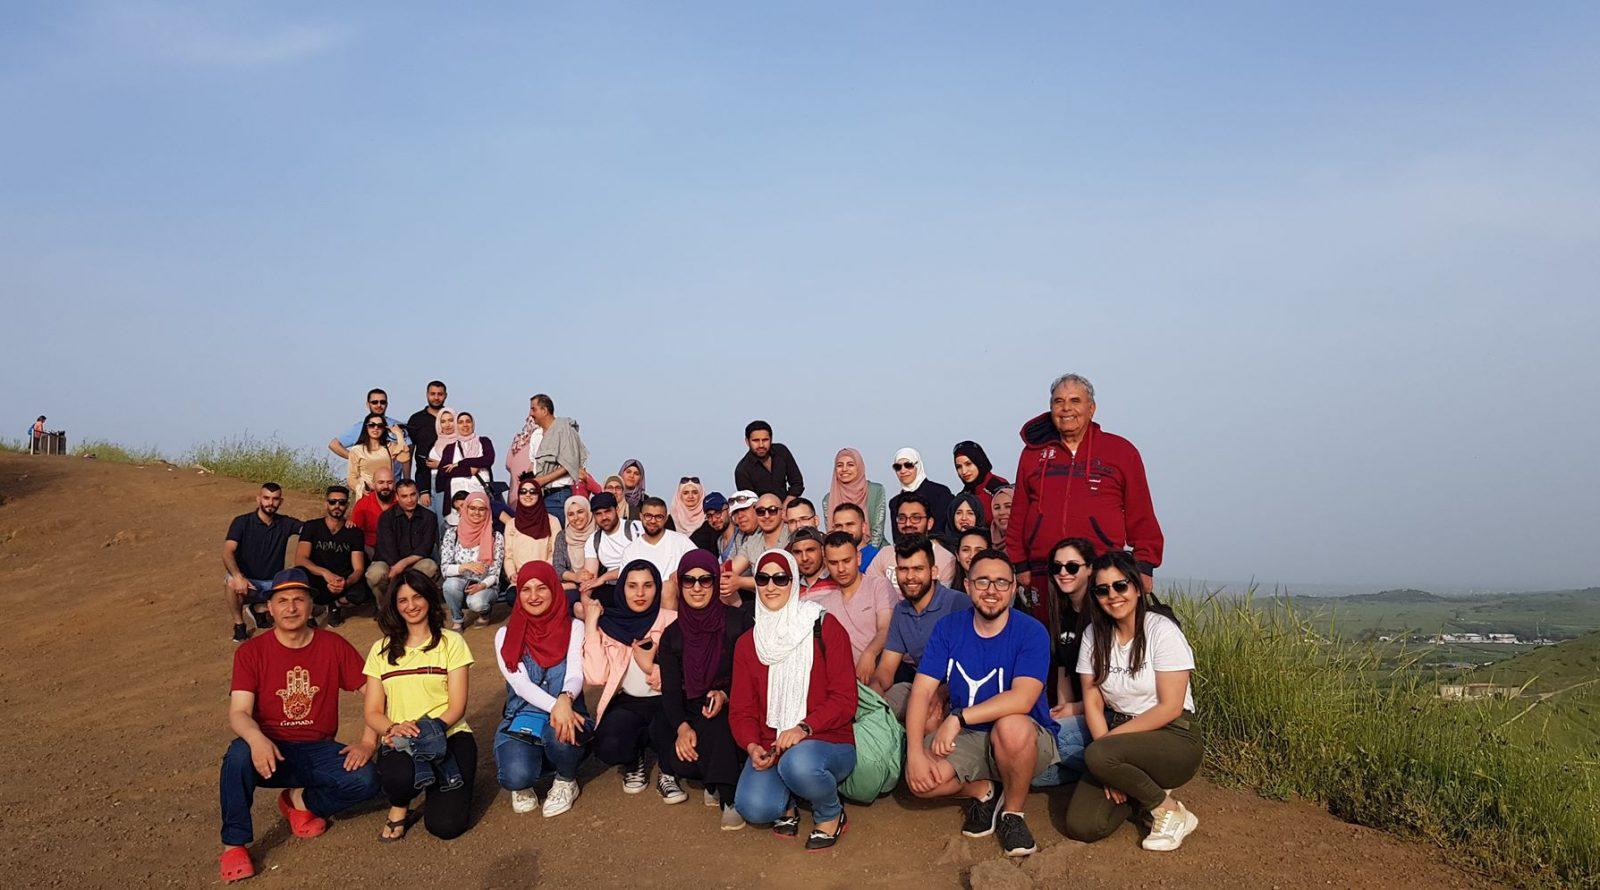 برنامج زاجل ينظم رحلة الى هضبة الجولان